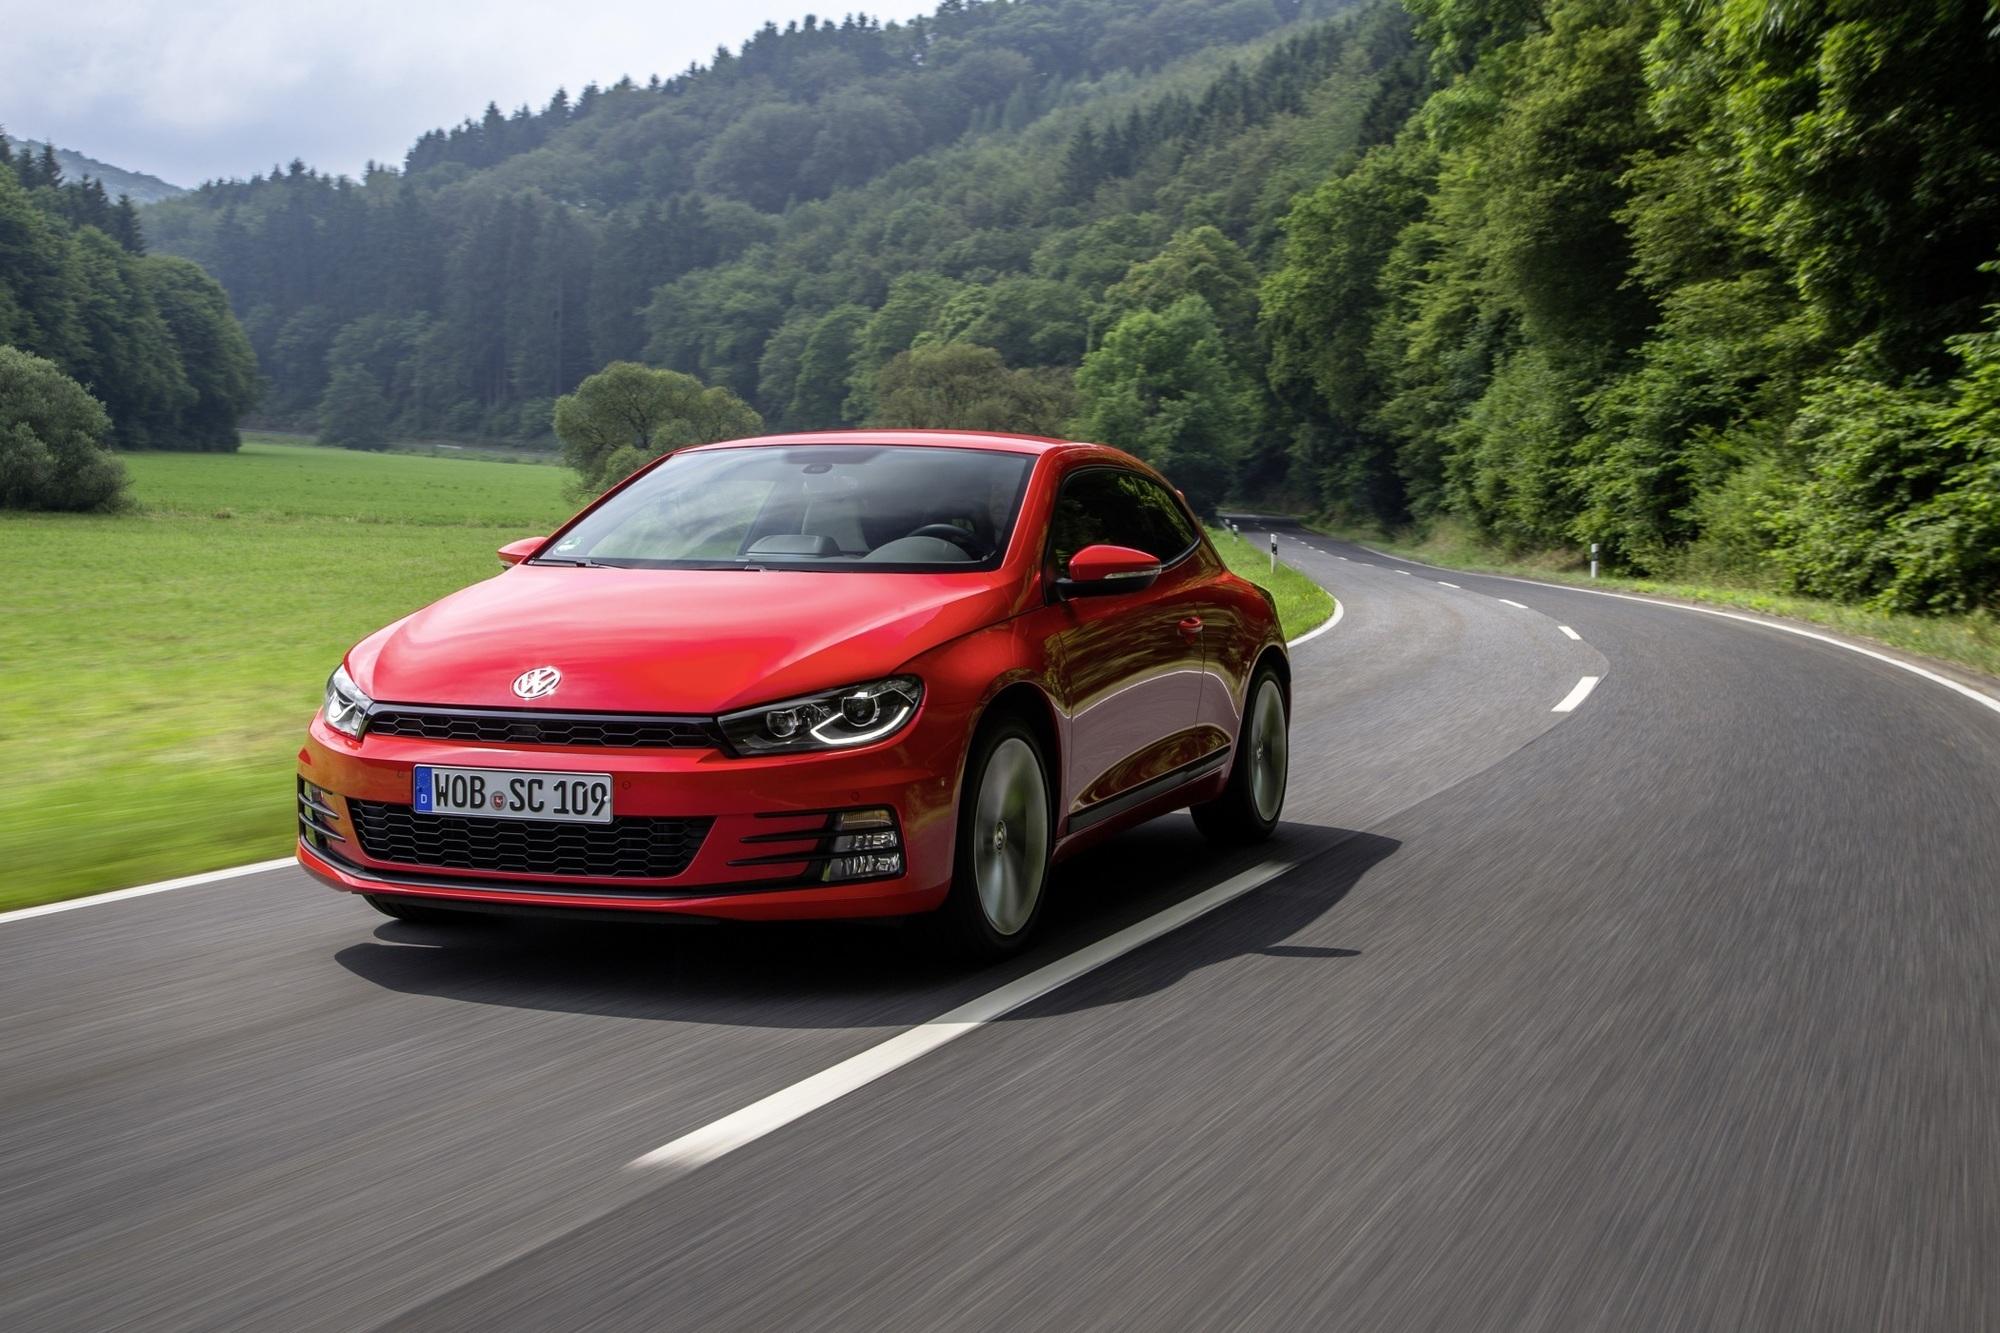 Test: VW Scirocco 2.0 TSI - Für den Rebell im Bürger